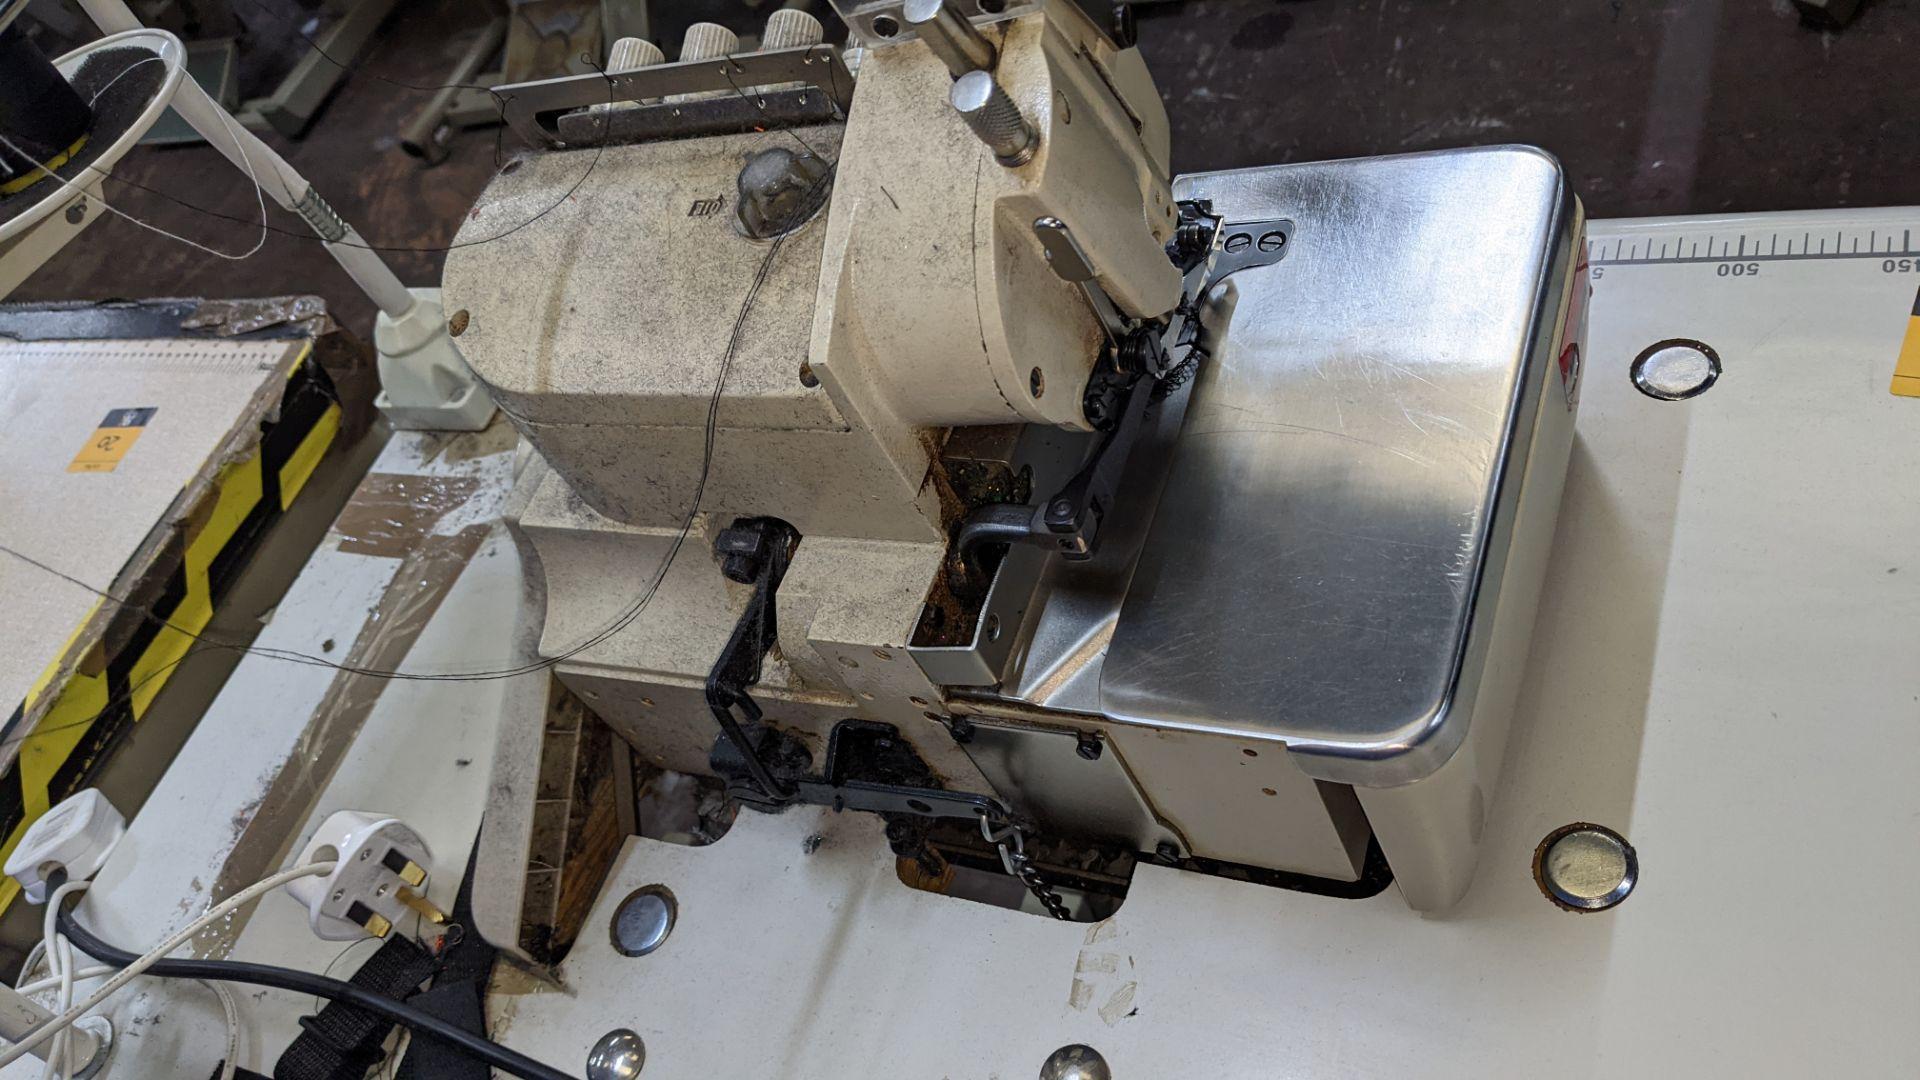 Yingon 788 series overlocker model YG788-4-13 - Image 13 of 16